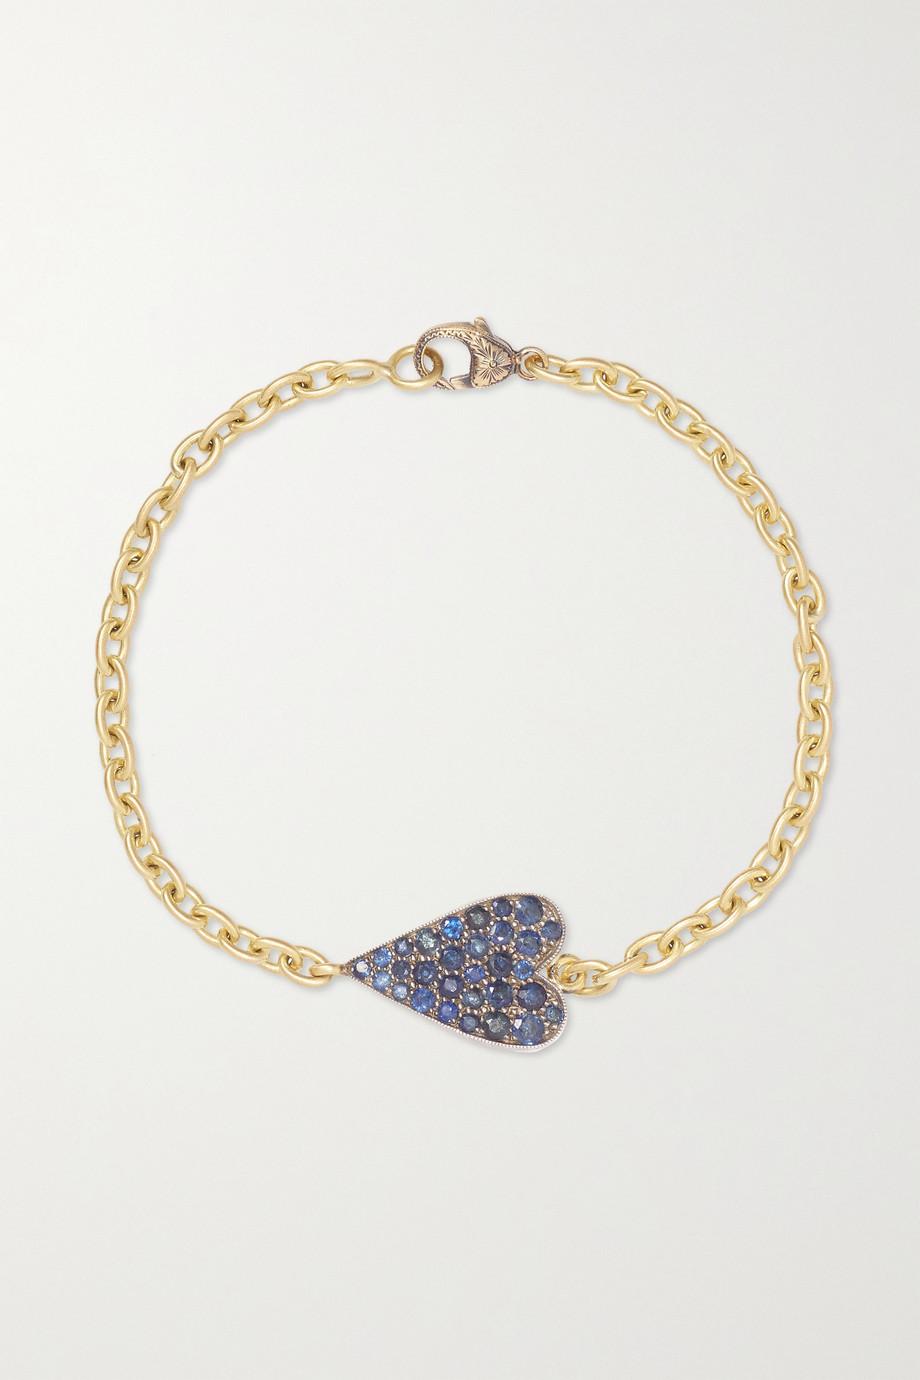 Sylva & Cie Bracelet en or 18 carats, argent sterling et saphirs